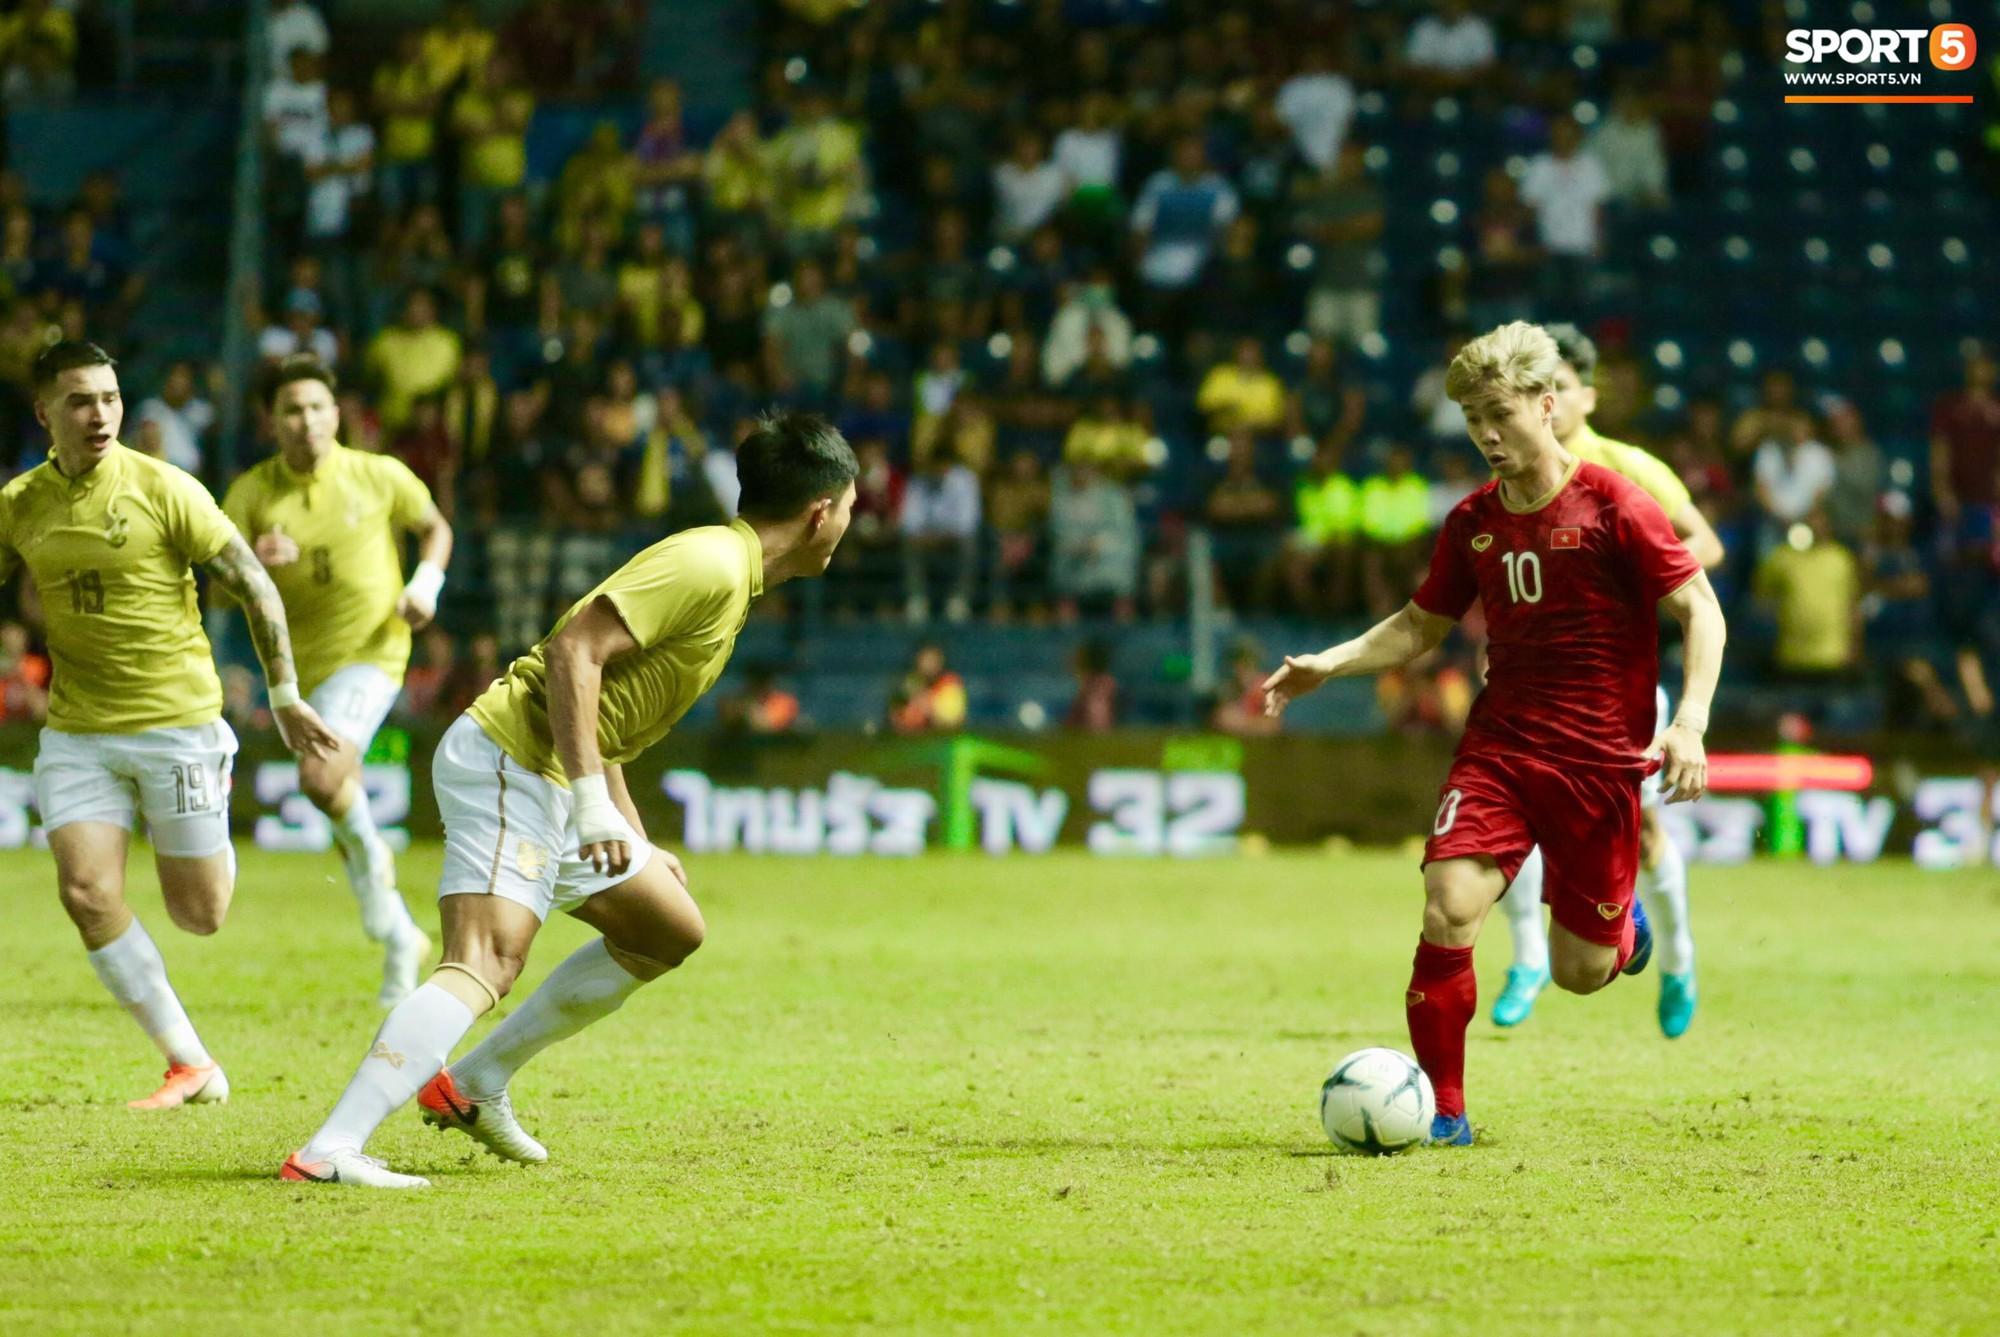 Công Phượng bị cầu thủ Thái Lan sút vào chỗ hiểm - Ảnh 1.